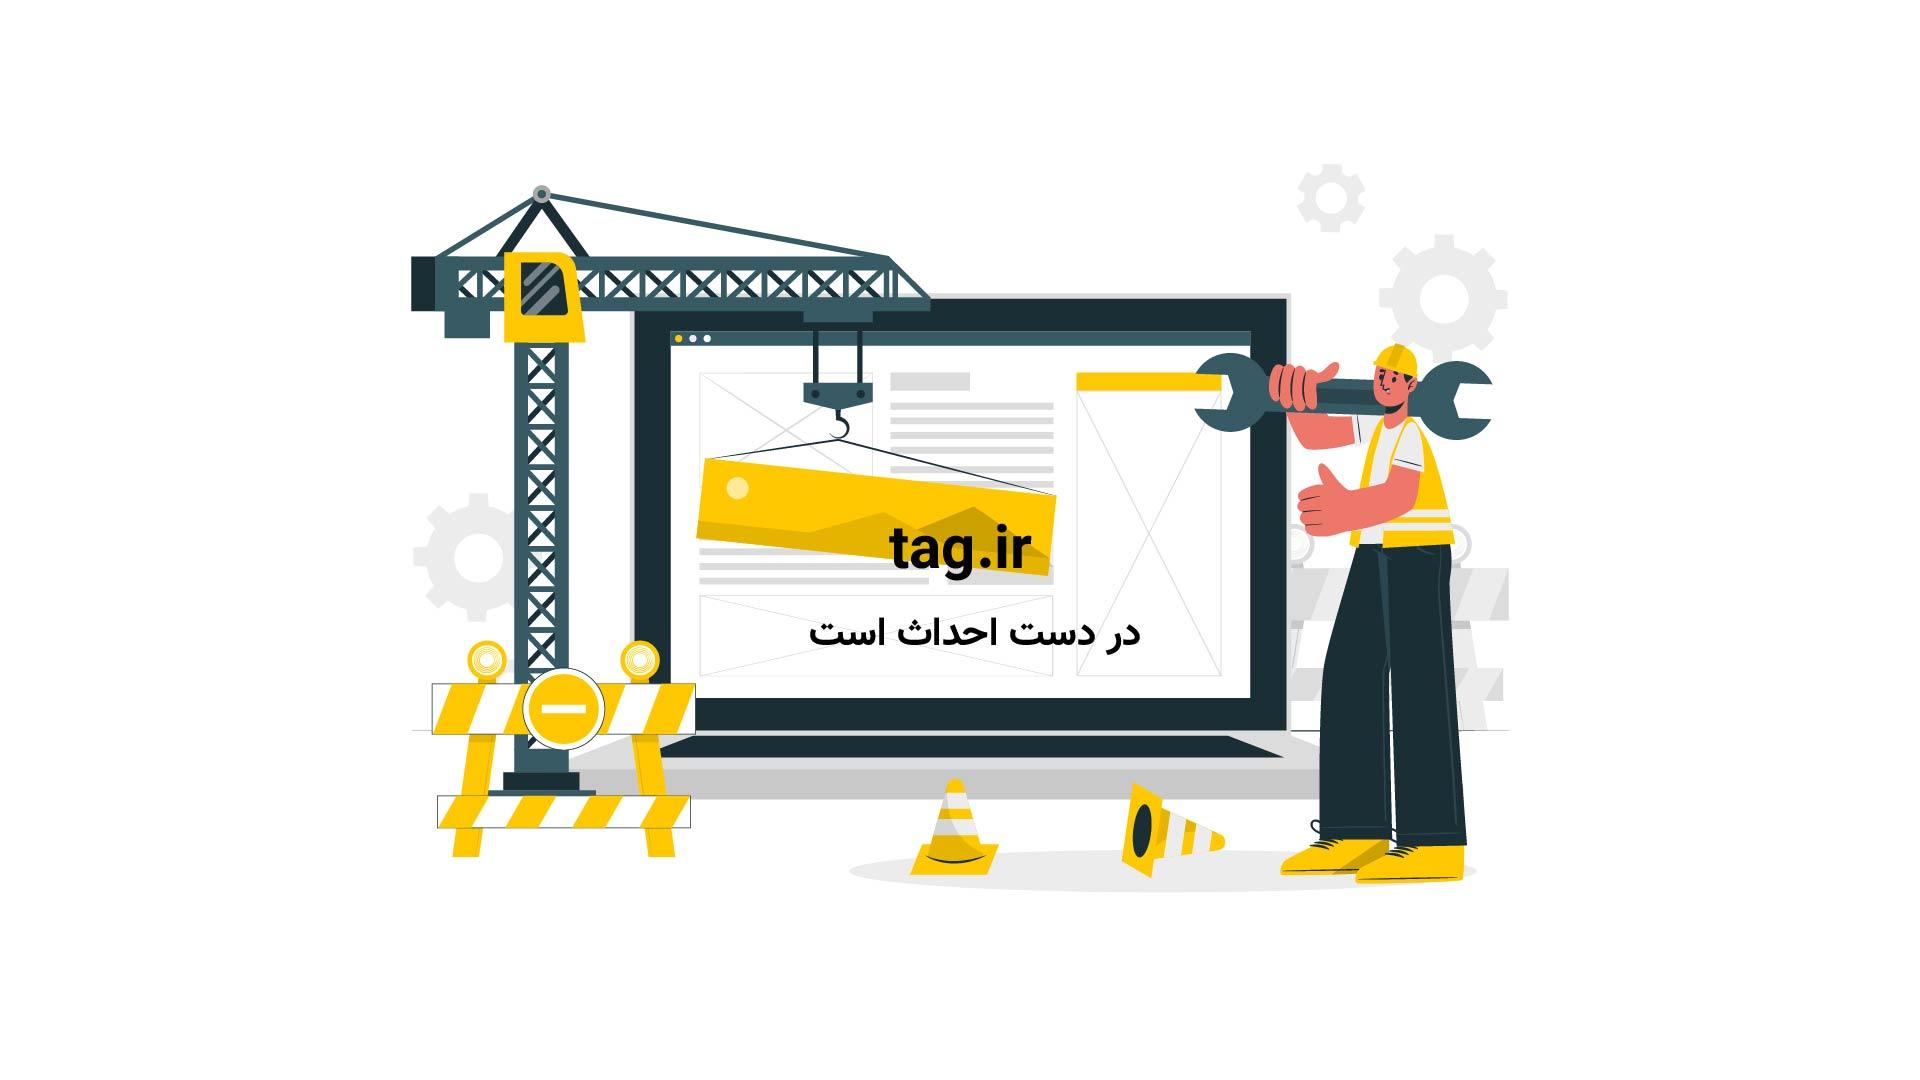 صحنه جالب شکار بوفالو توسط دو شیر ماده|تگ